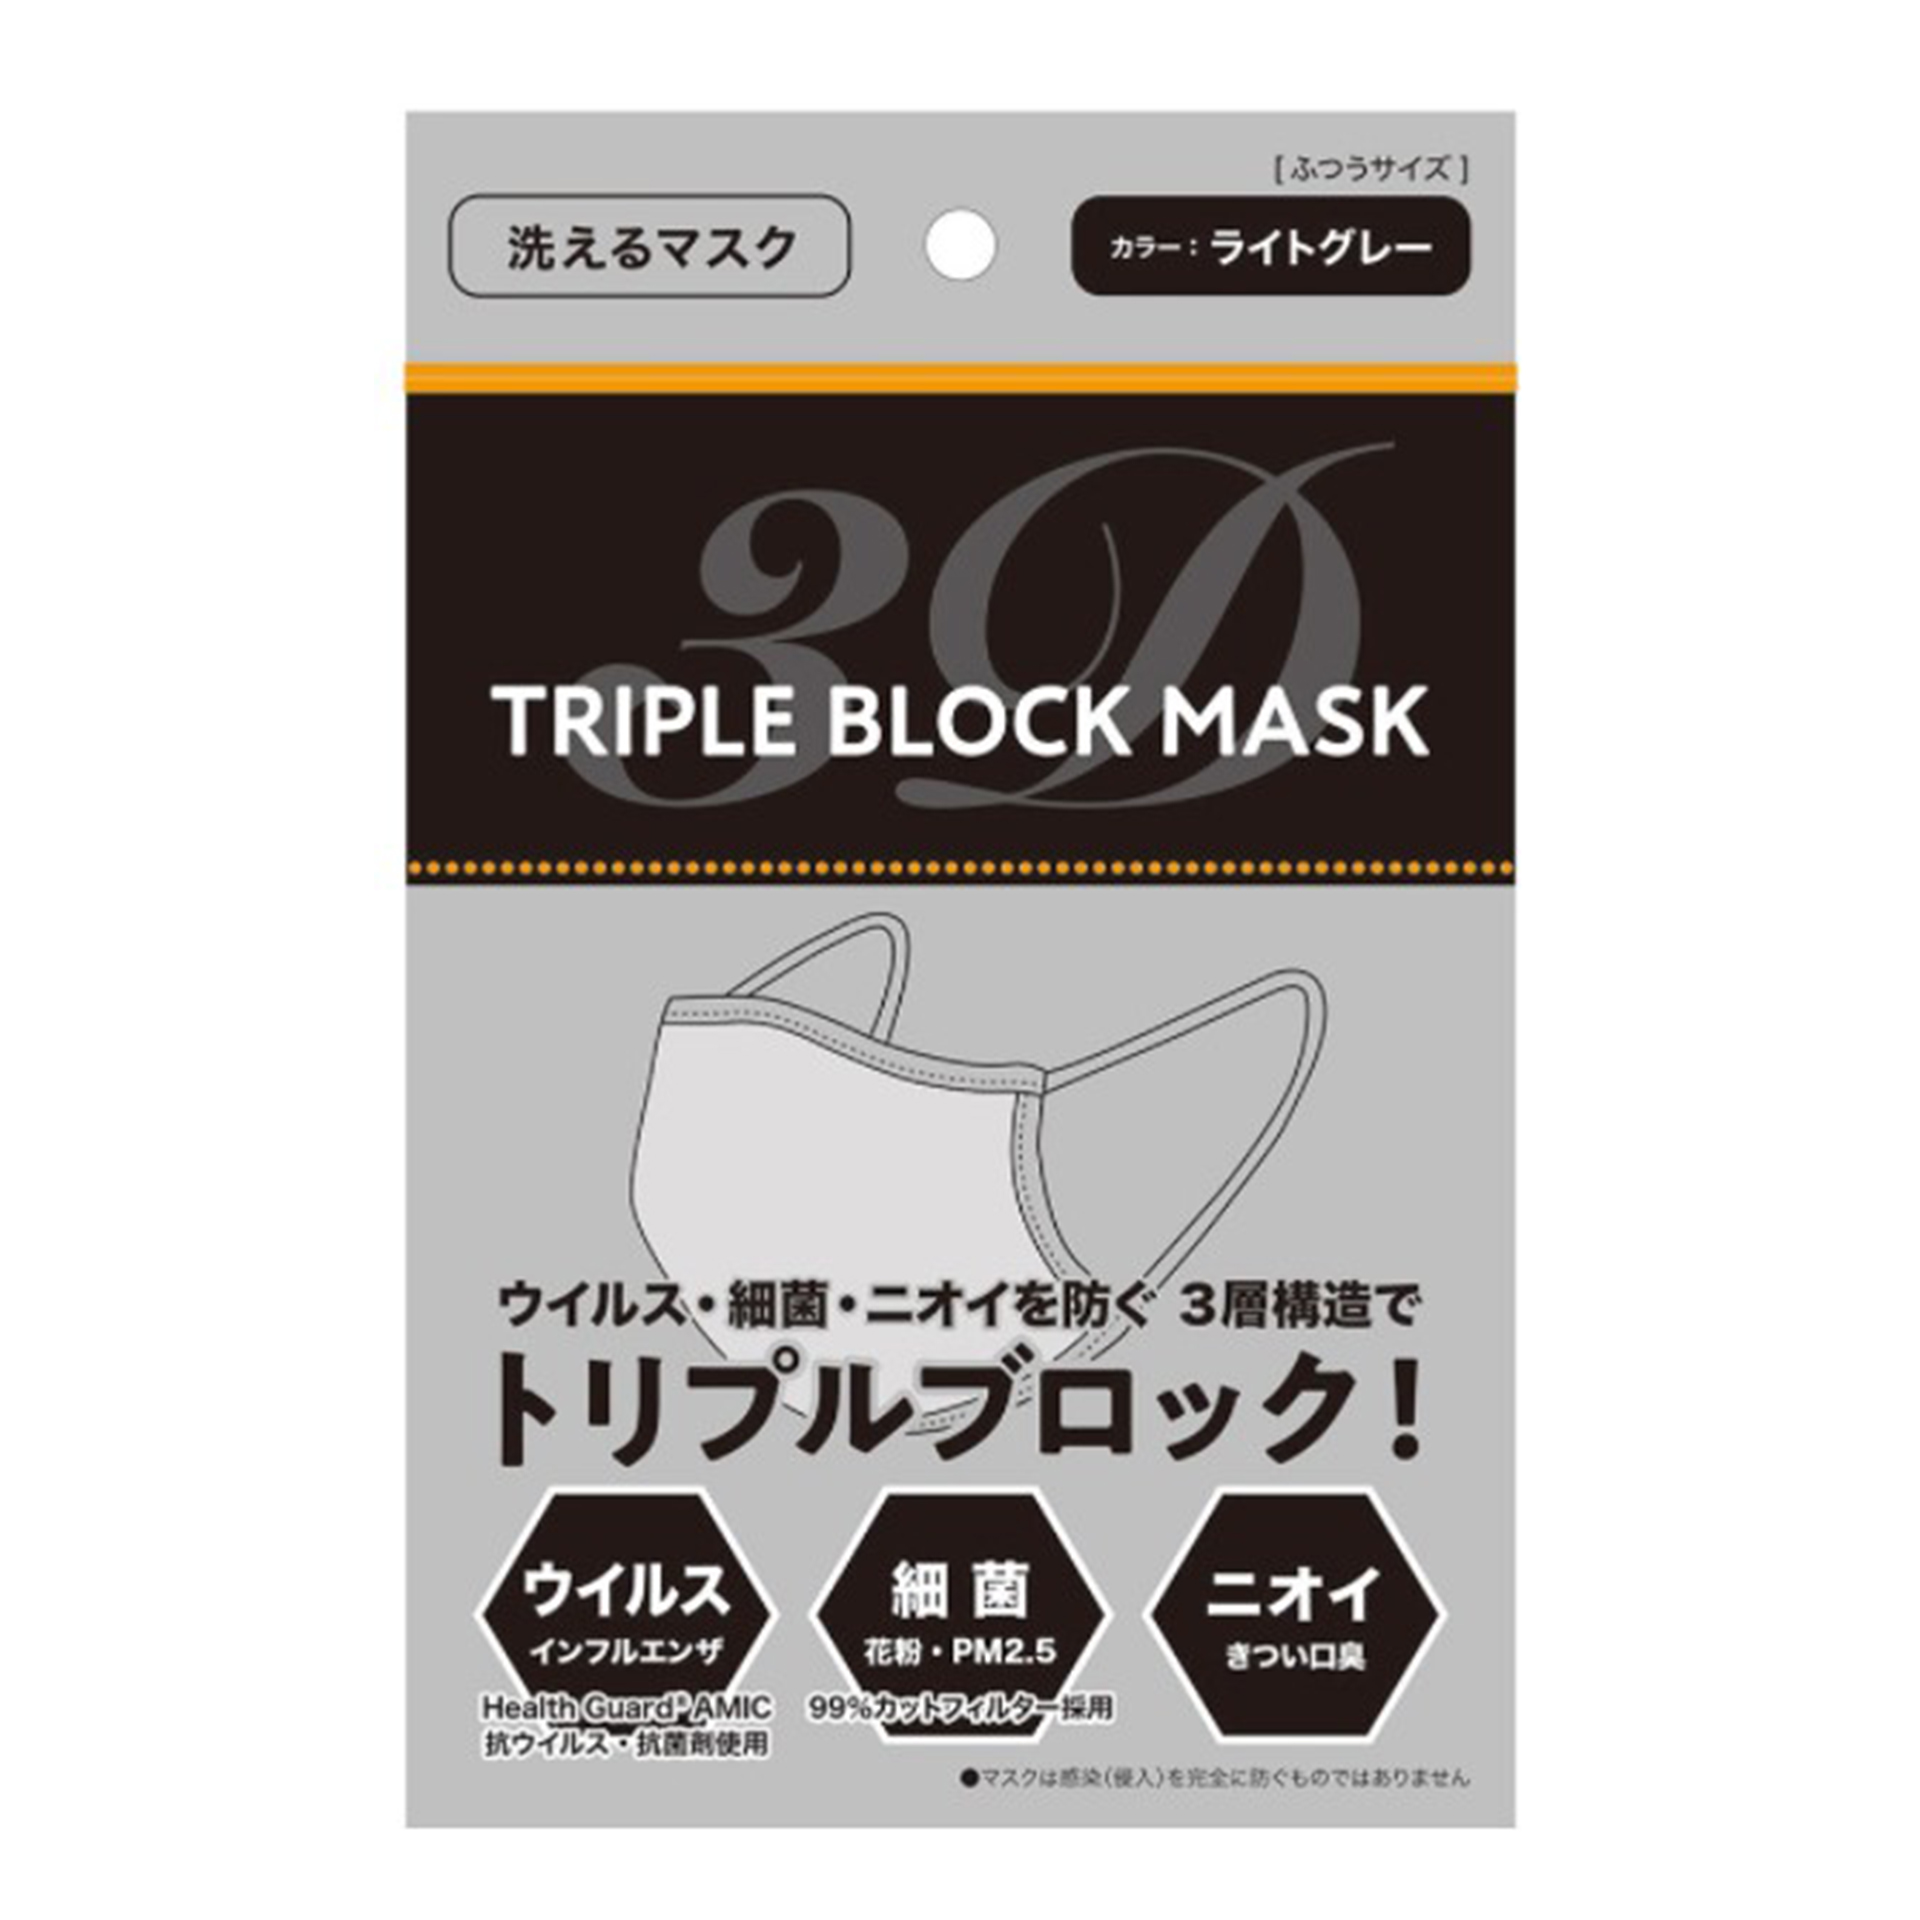 トリプルブロックマスクGR (ライトグレー) 高性能布マスク